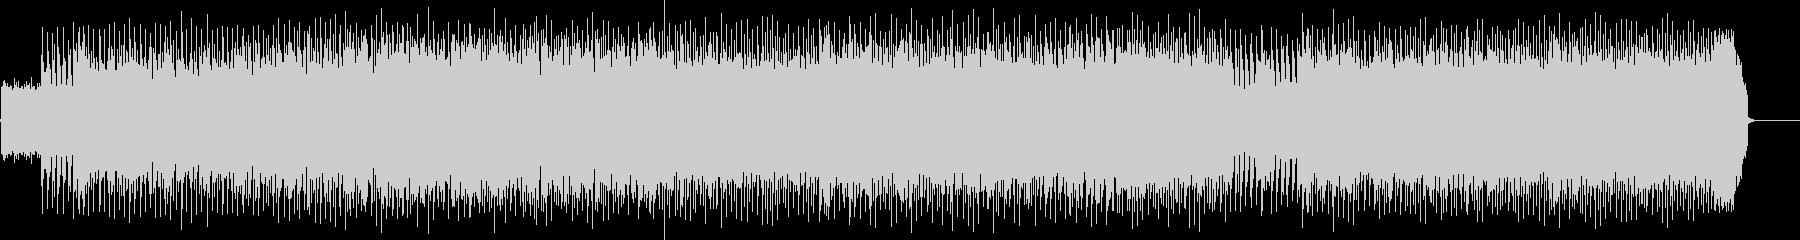 胸高鳴るアメリカンハード・ロックの未再生の波形